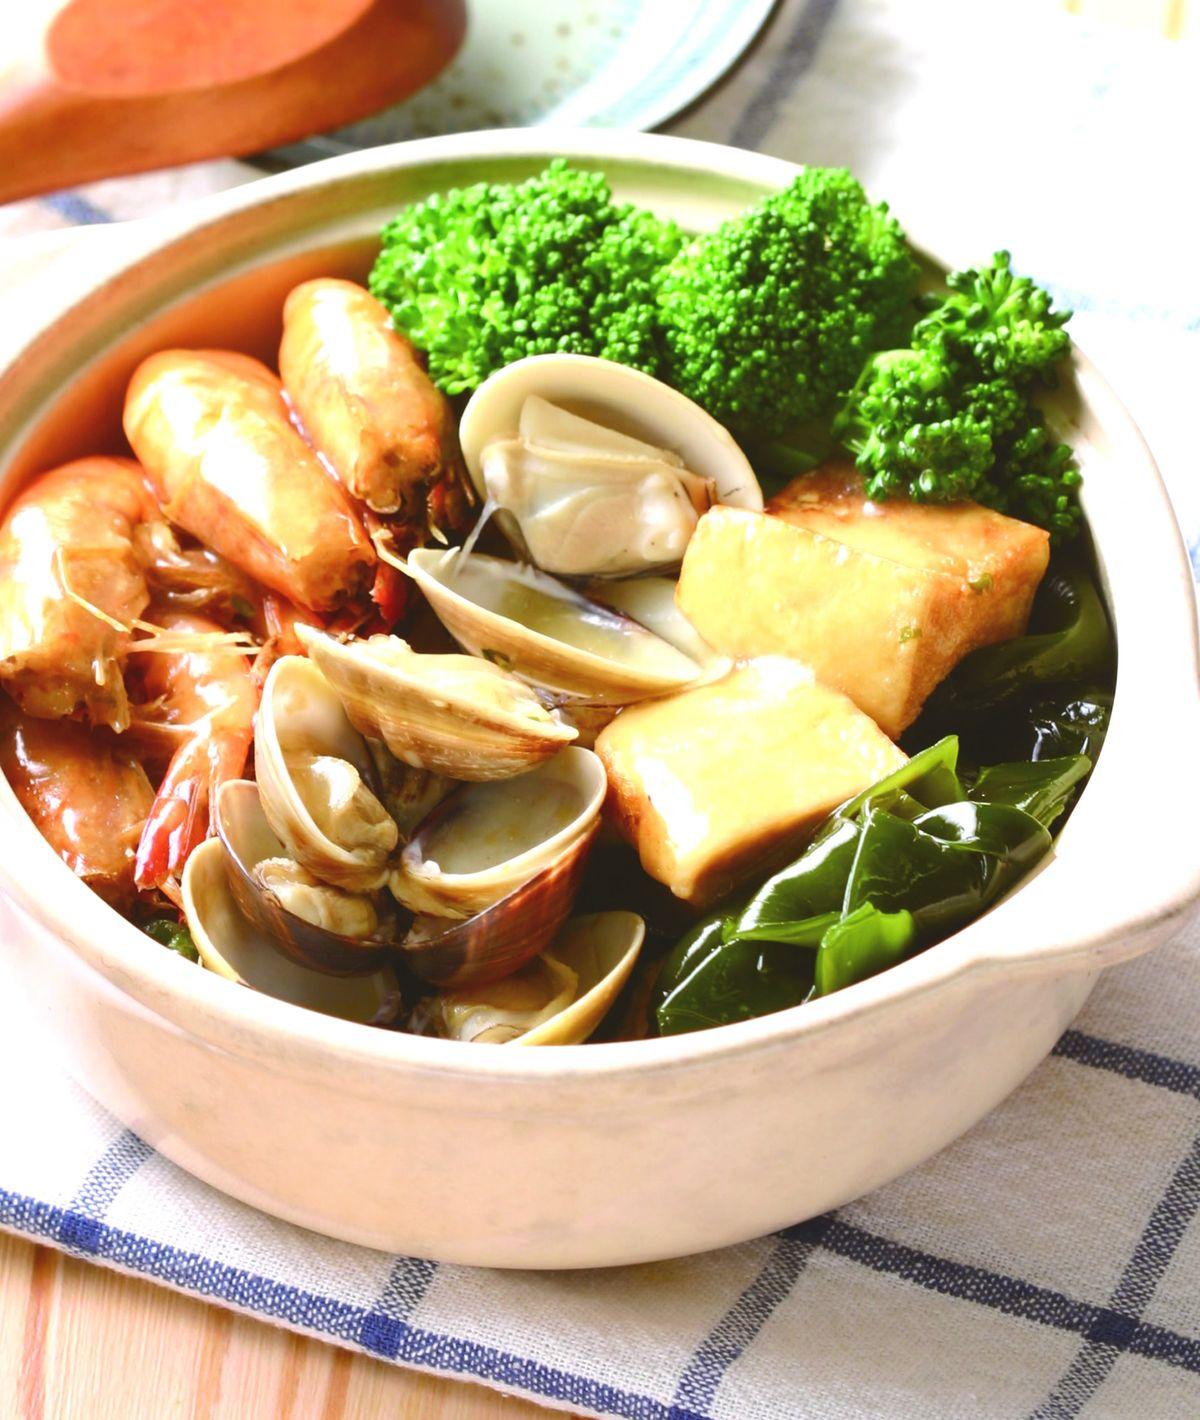 食譜:海帶鮮蝦豆腐煲